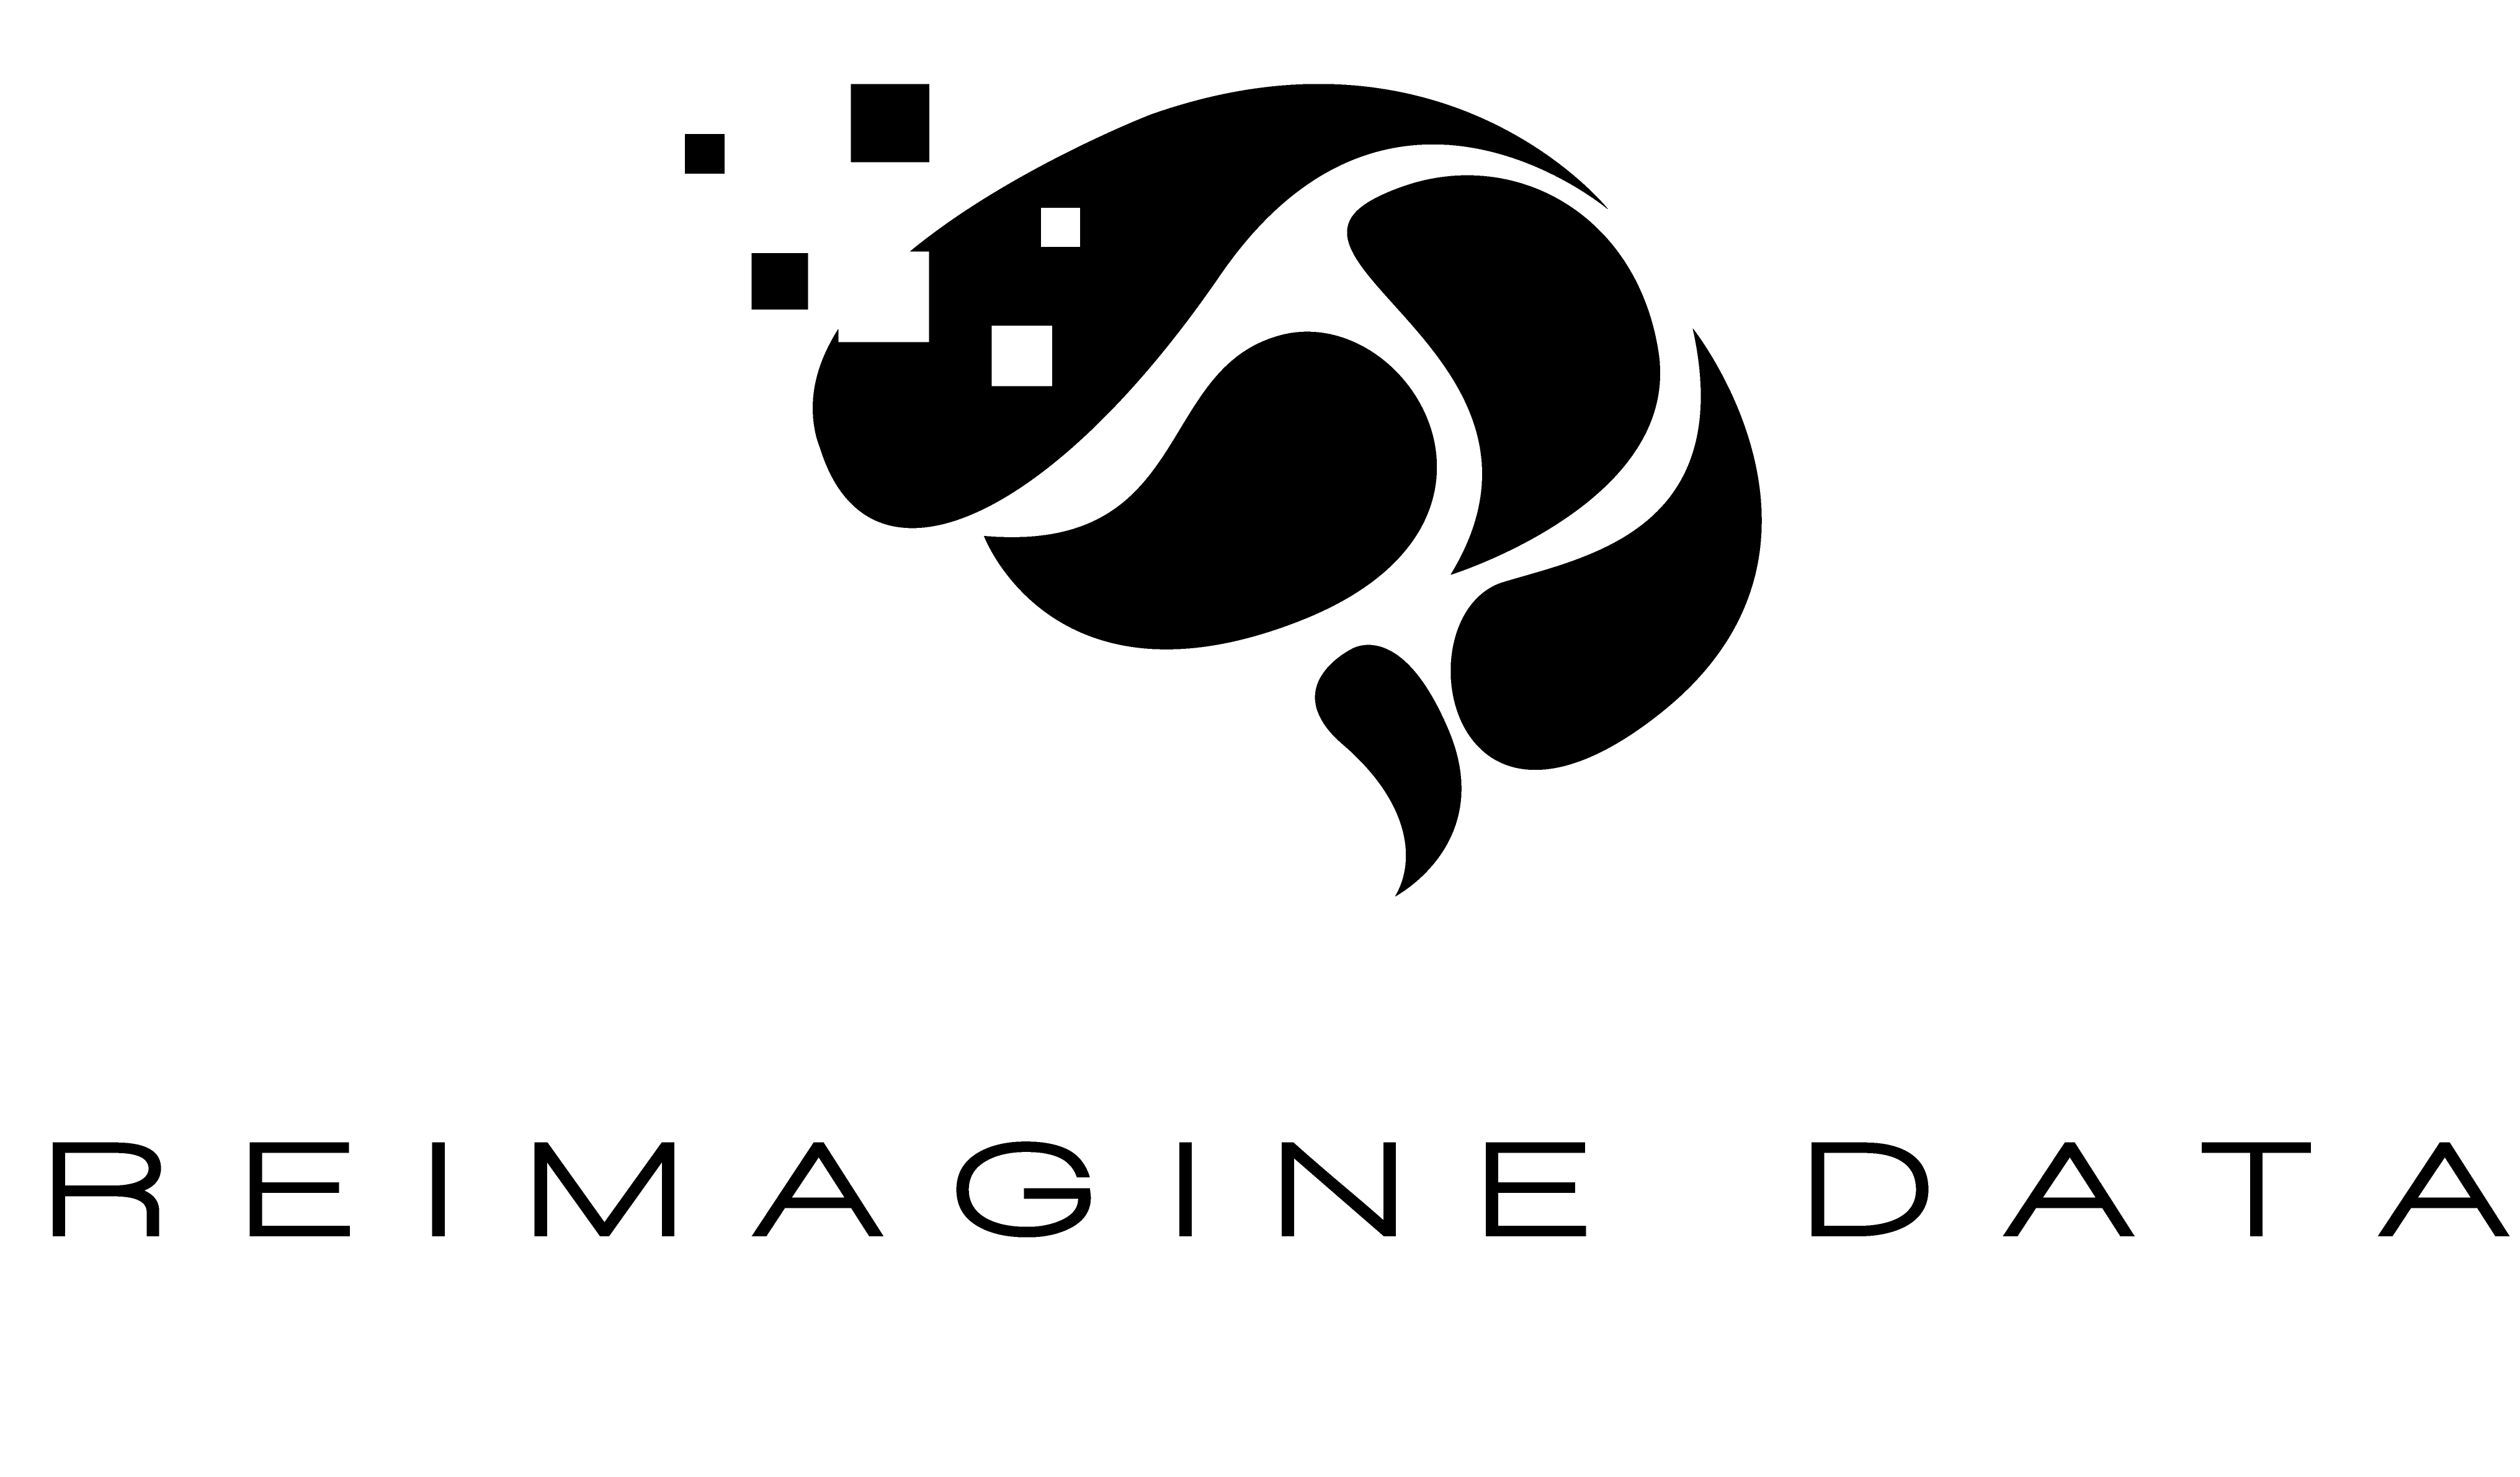 Reimagine Data